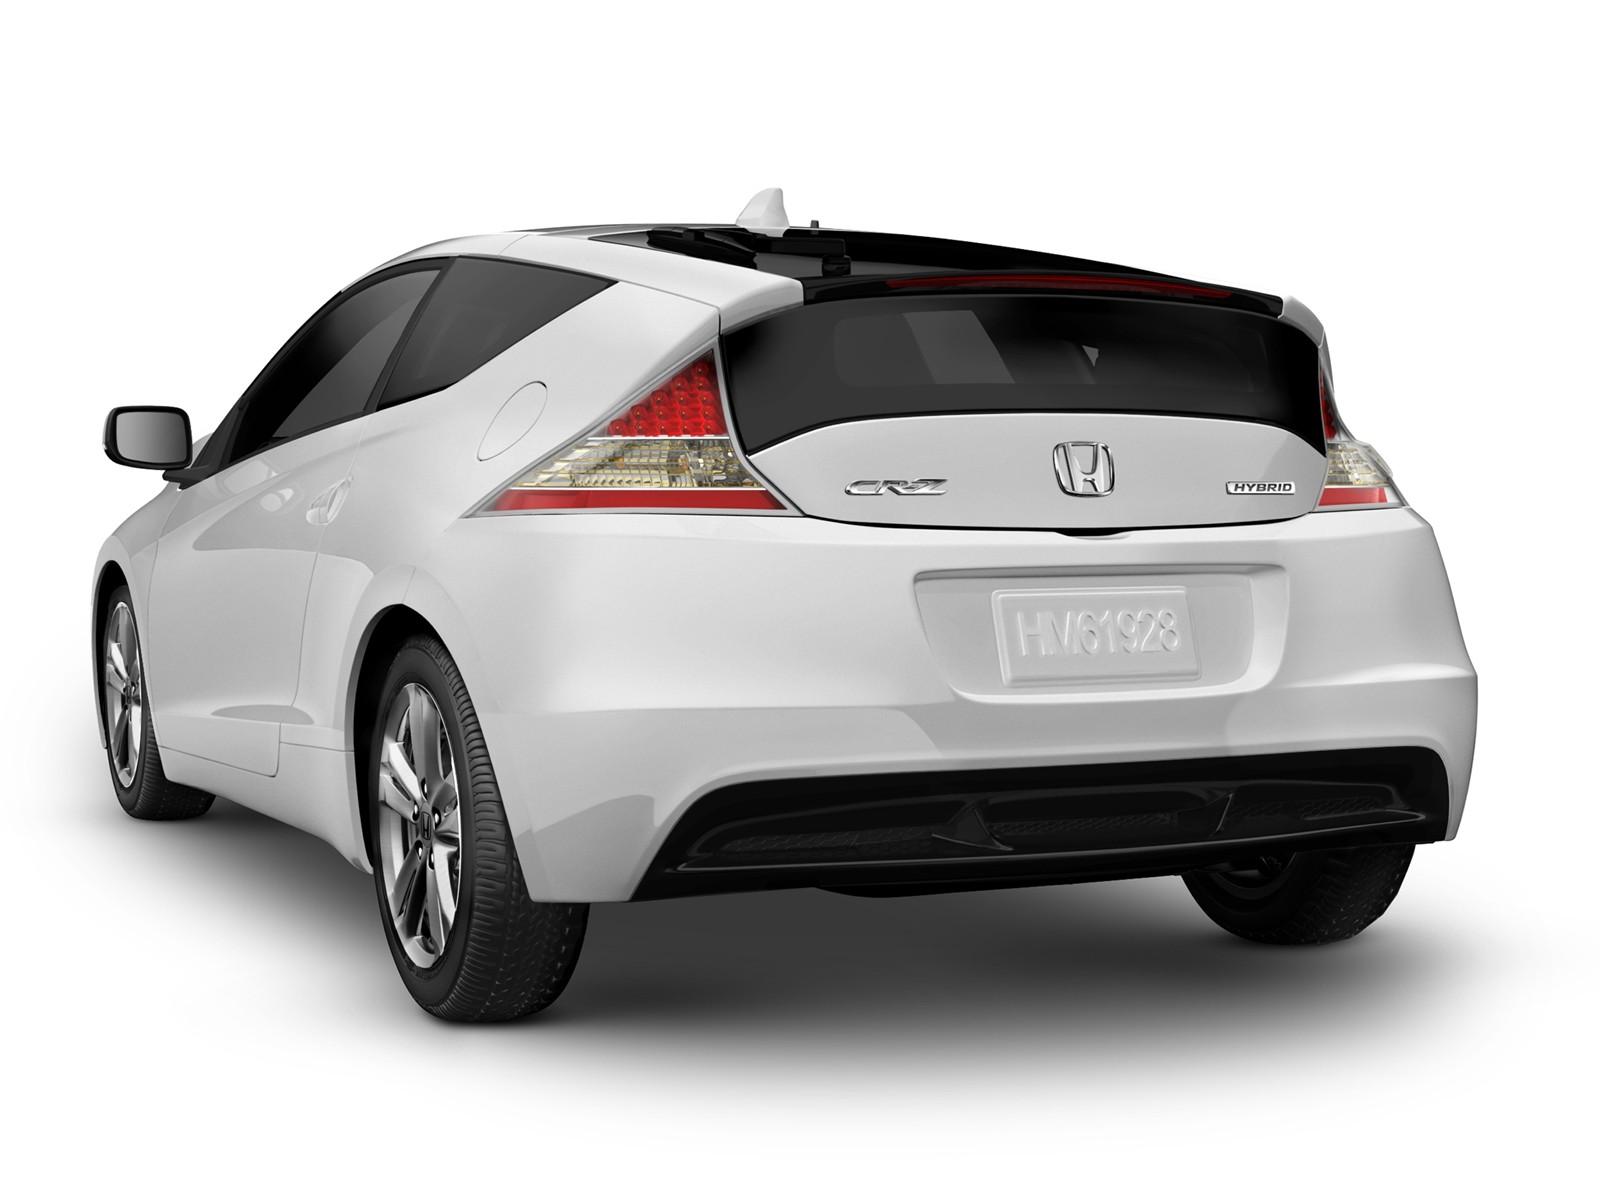 car pictures honda cr z sport hybrid coupe 2011. Black Bedroom Furniture Sets. Home Design Ideas